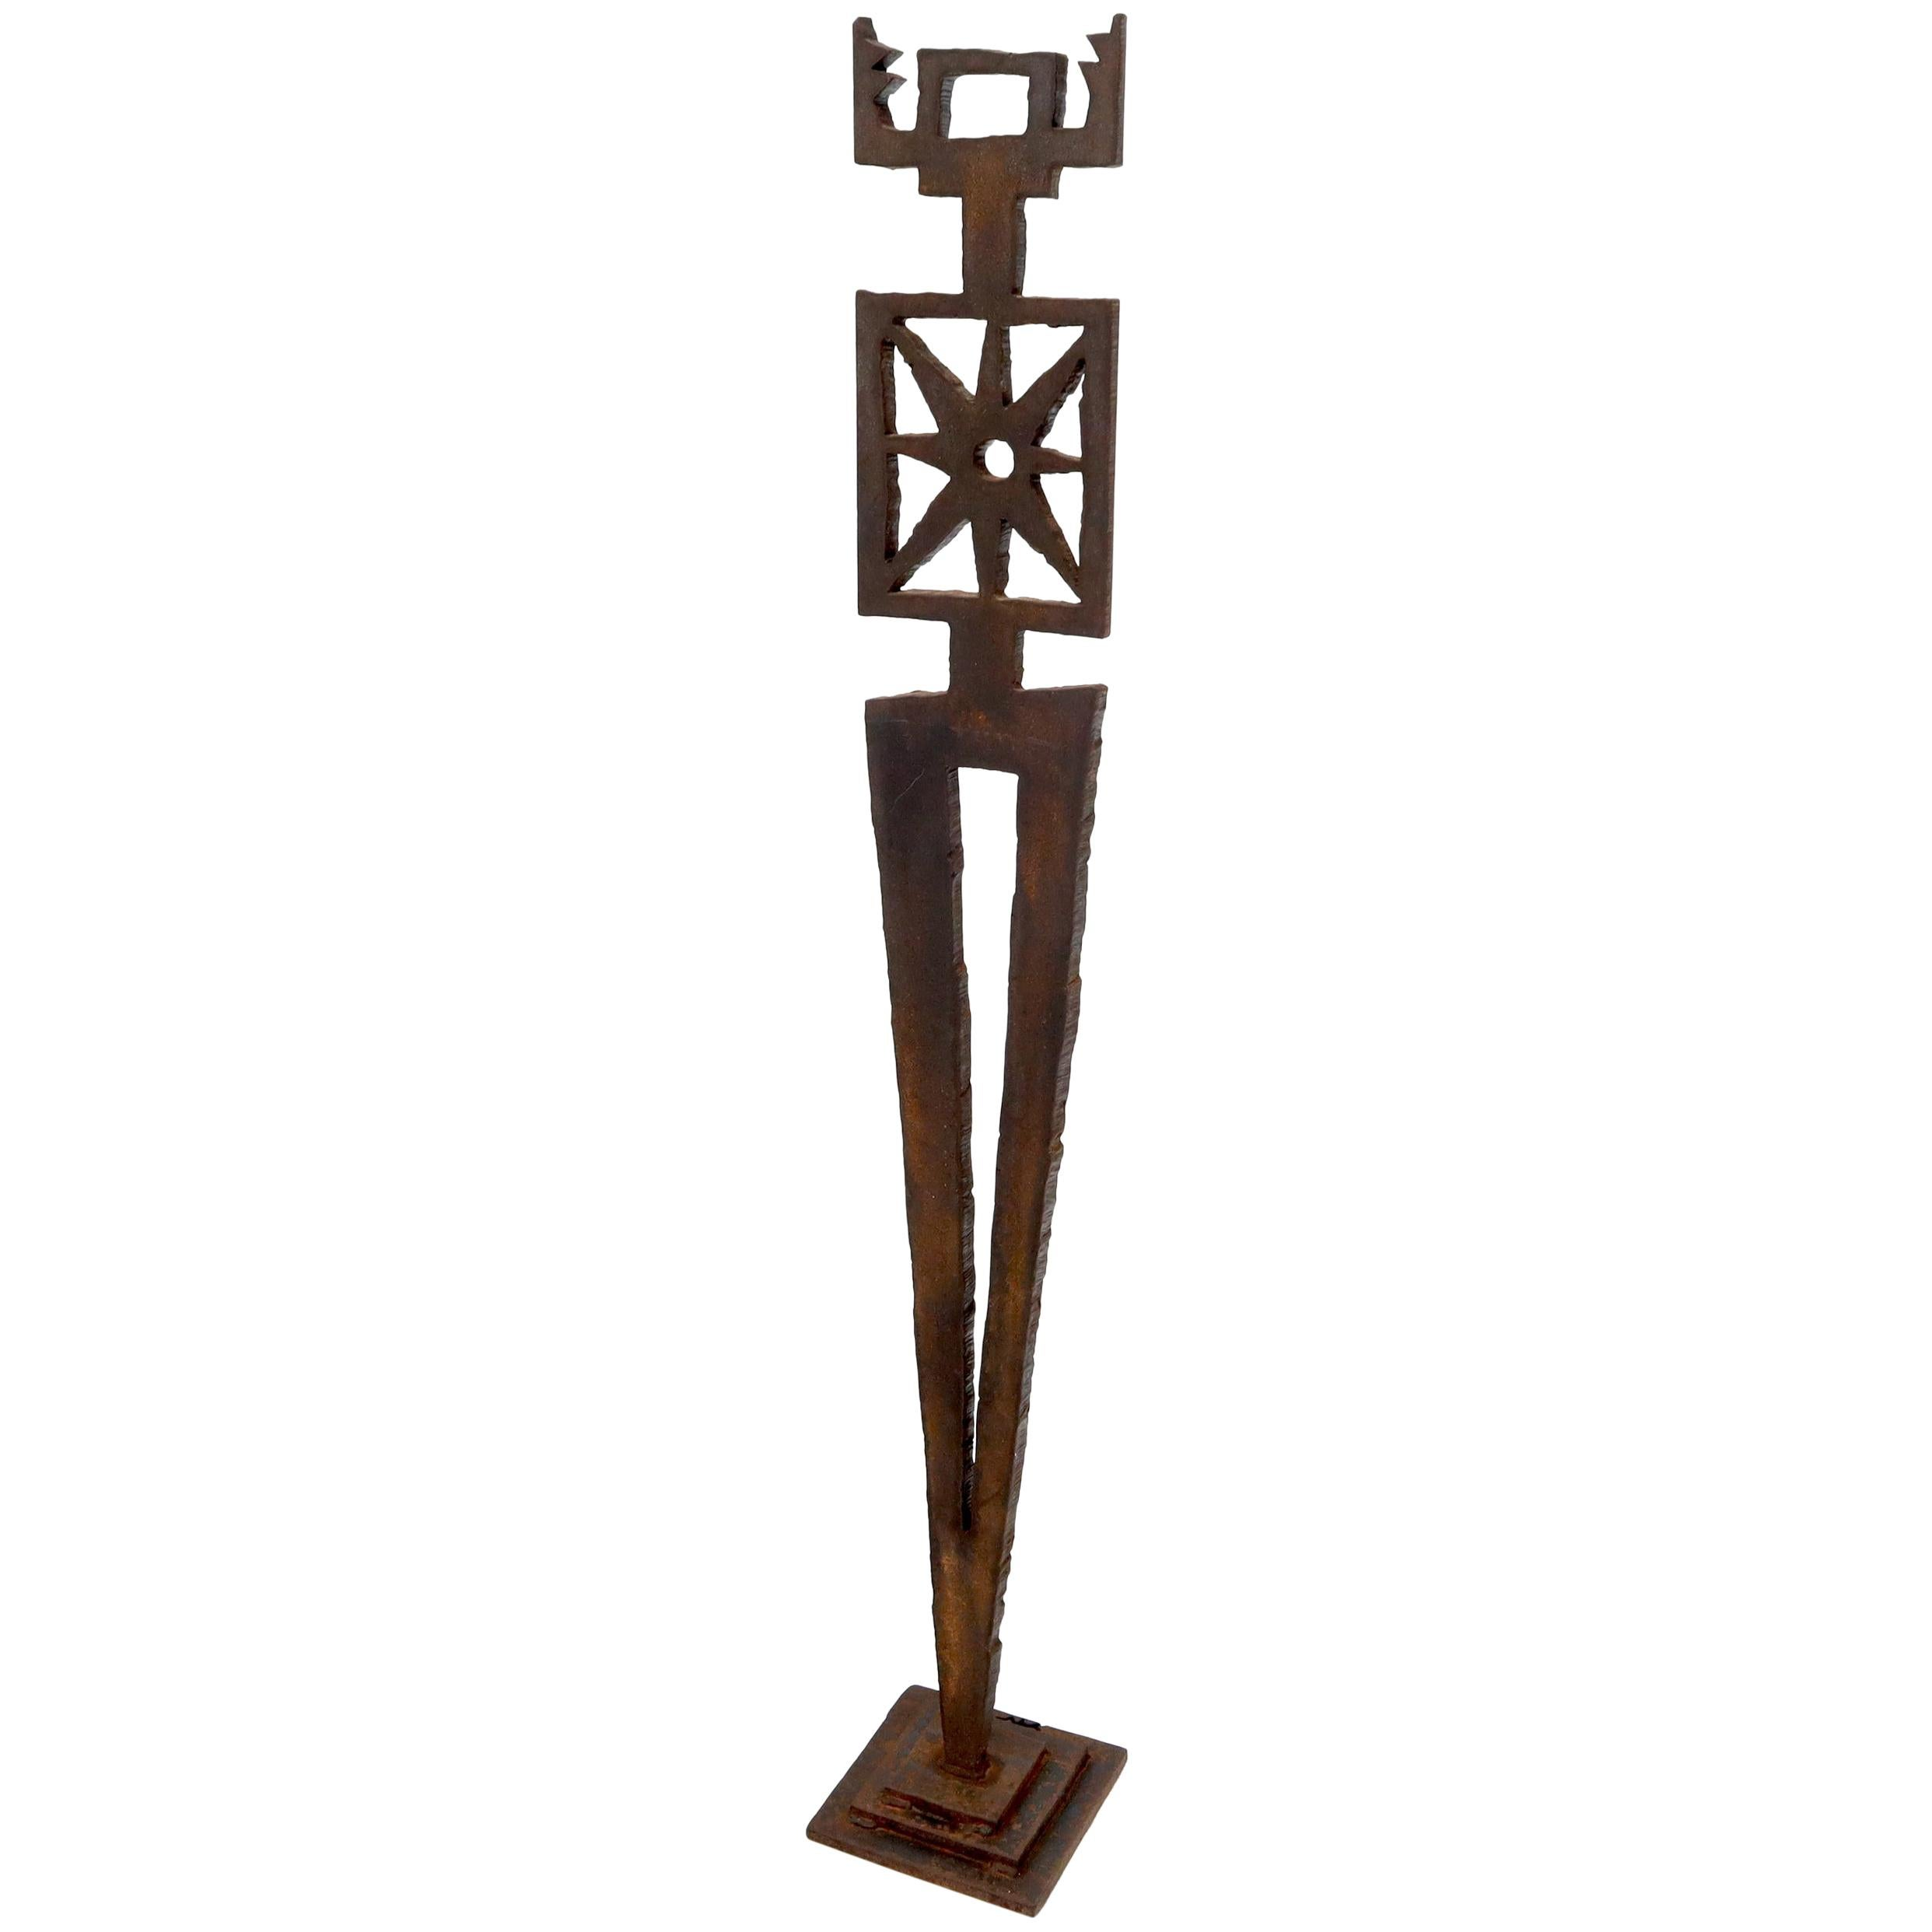 Cut Metal Brutalist Modern Abstract Cut Metal Standing Sculpture